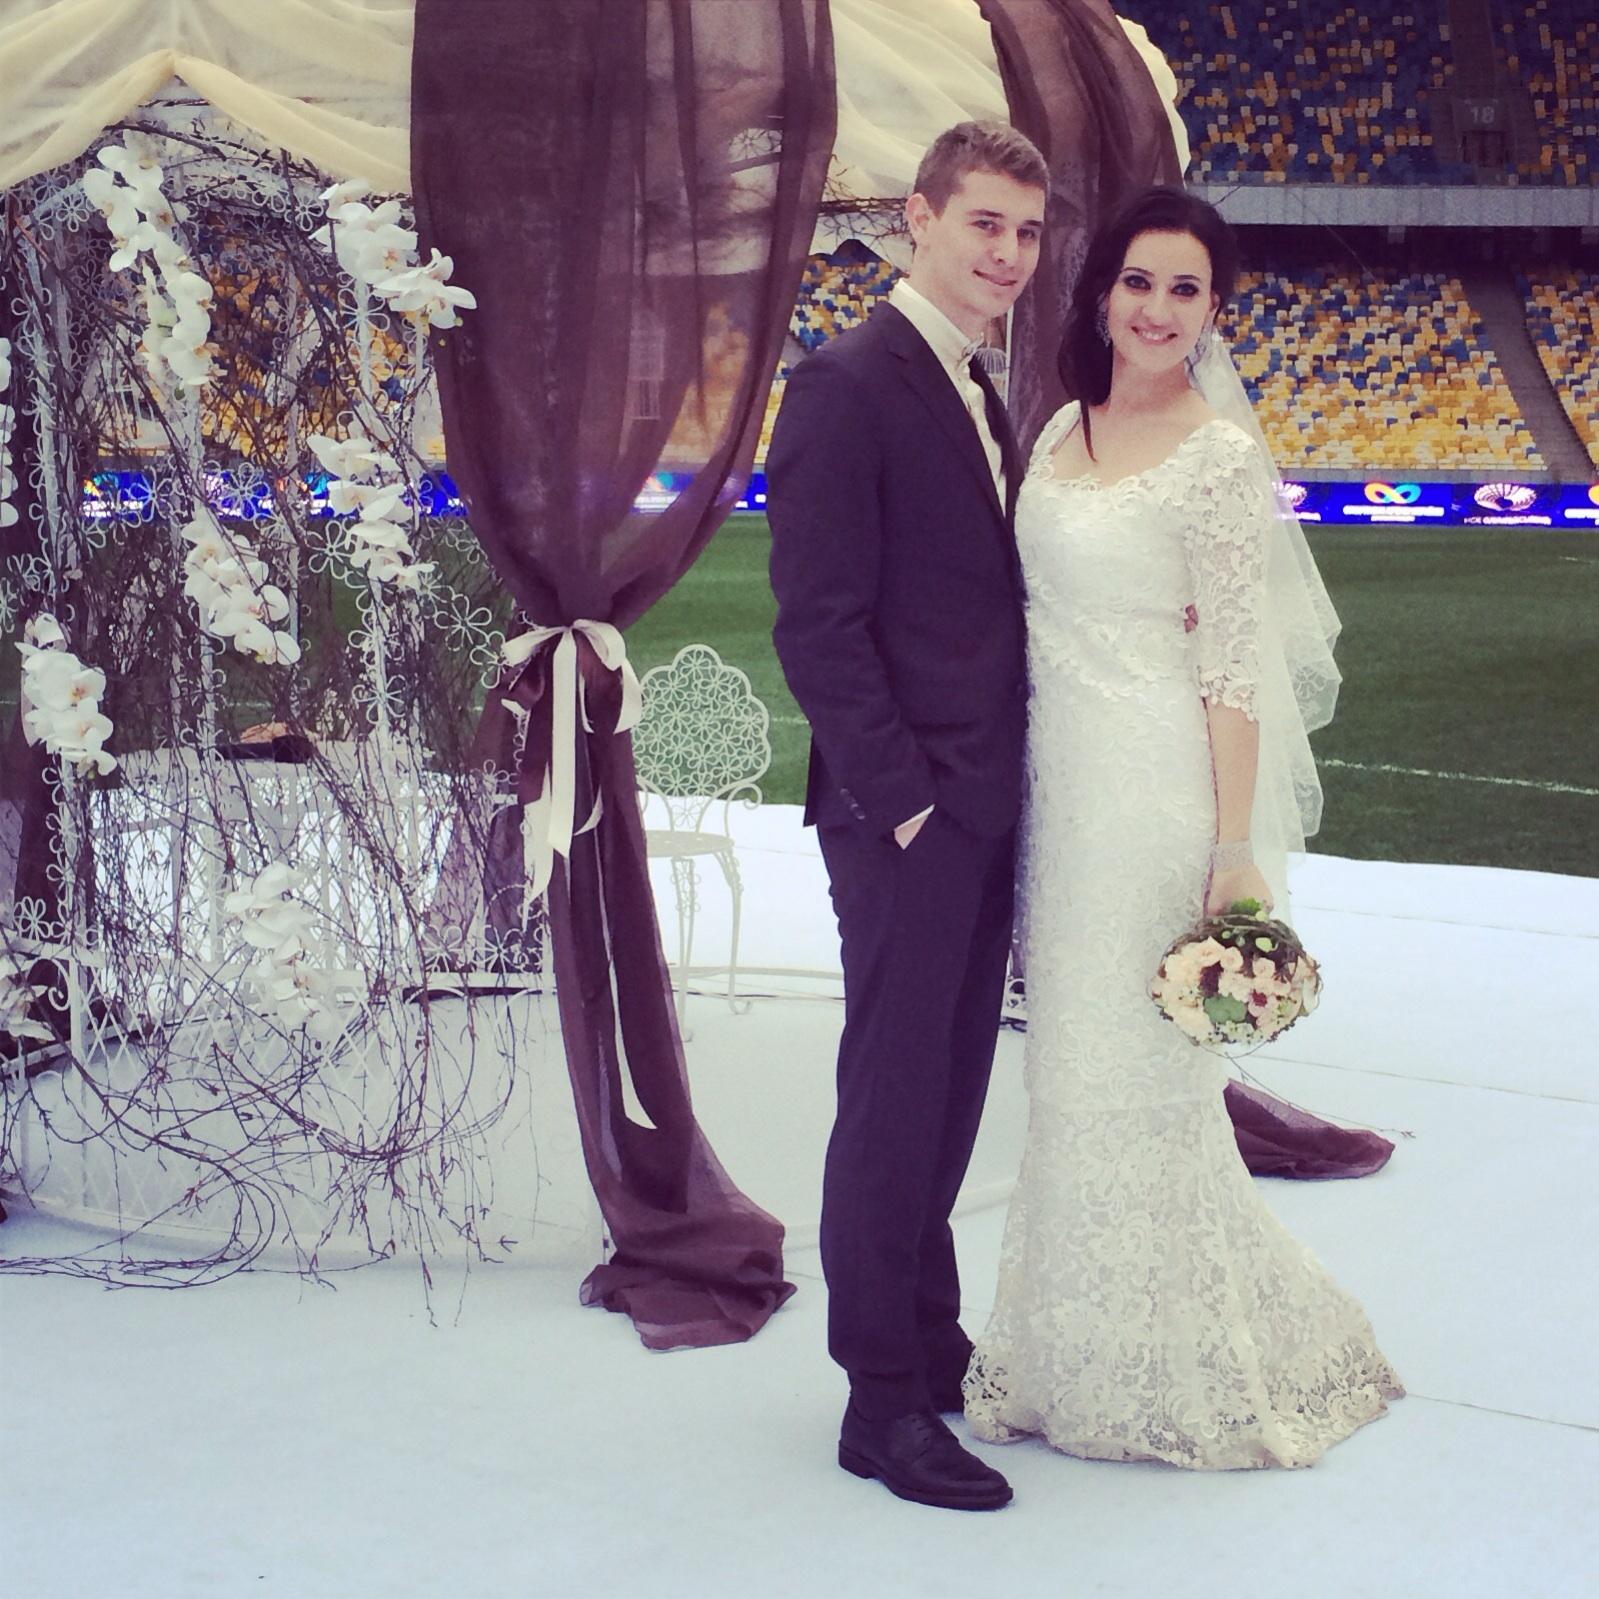 Свадьба телеведущей Соломии Витвицкой и клипмейкера Владислава Кочаткова состоялась в ноябре на НСК Олимпийский.